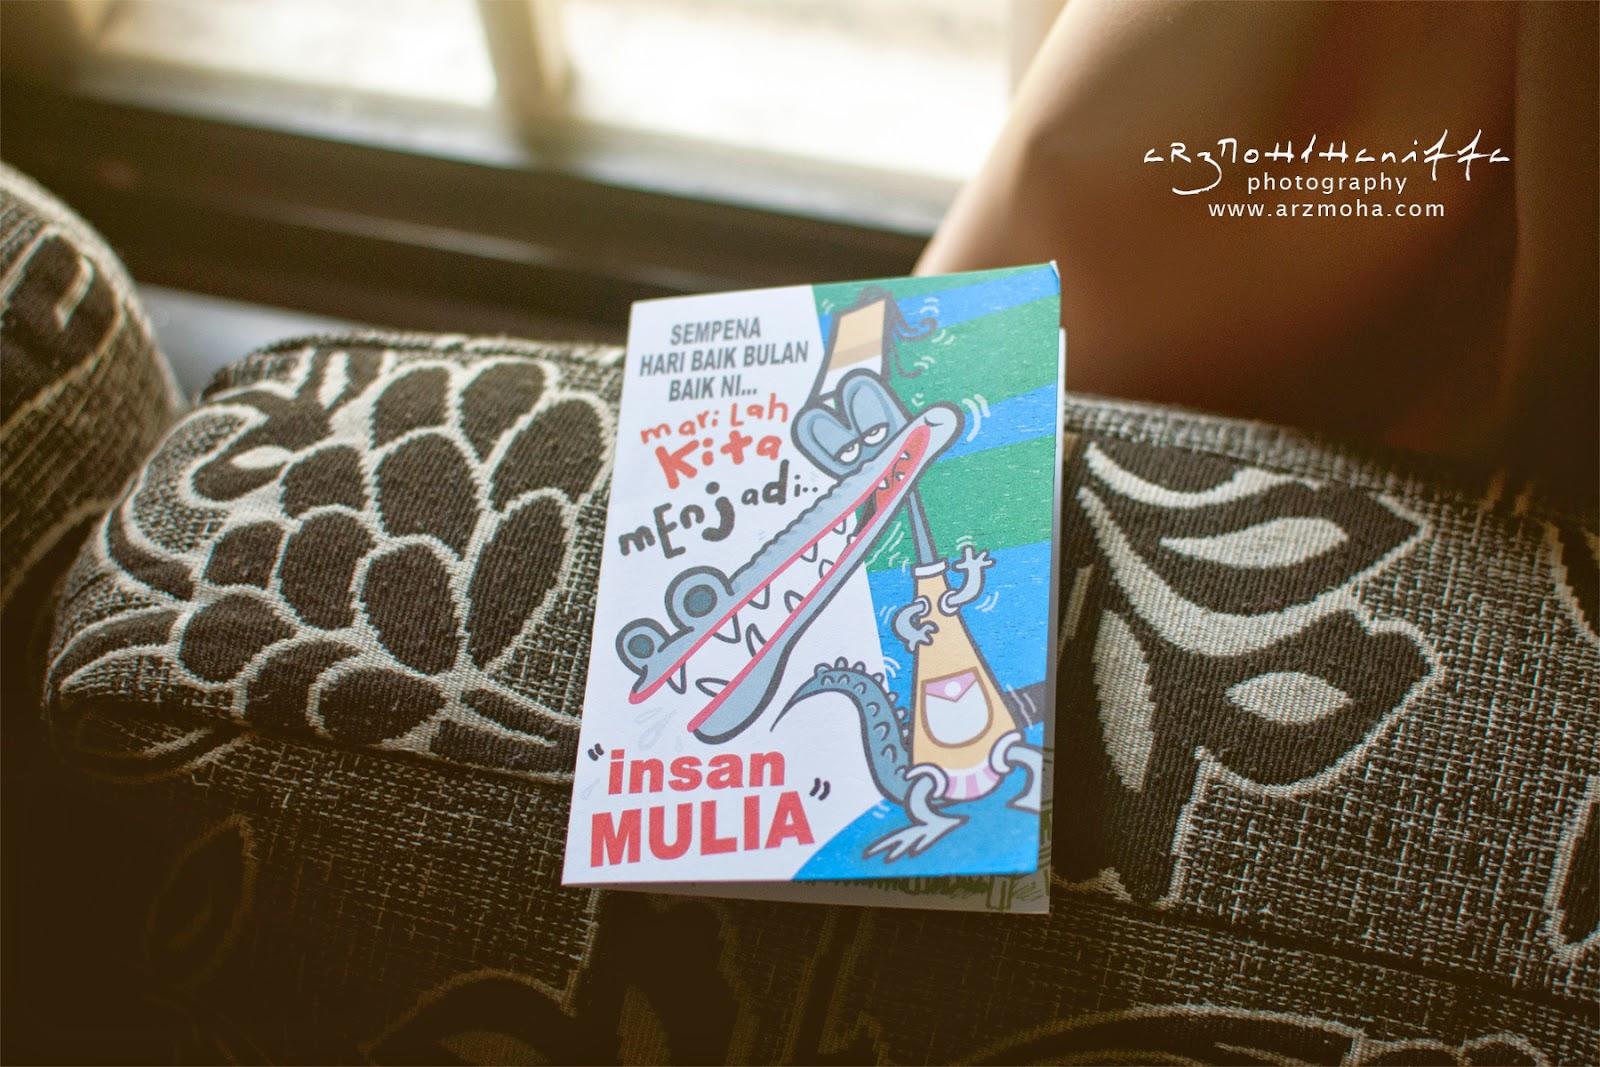 kad raya 2014, hari raya aidilfitri, kad raya cantik, arzmoha.com